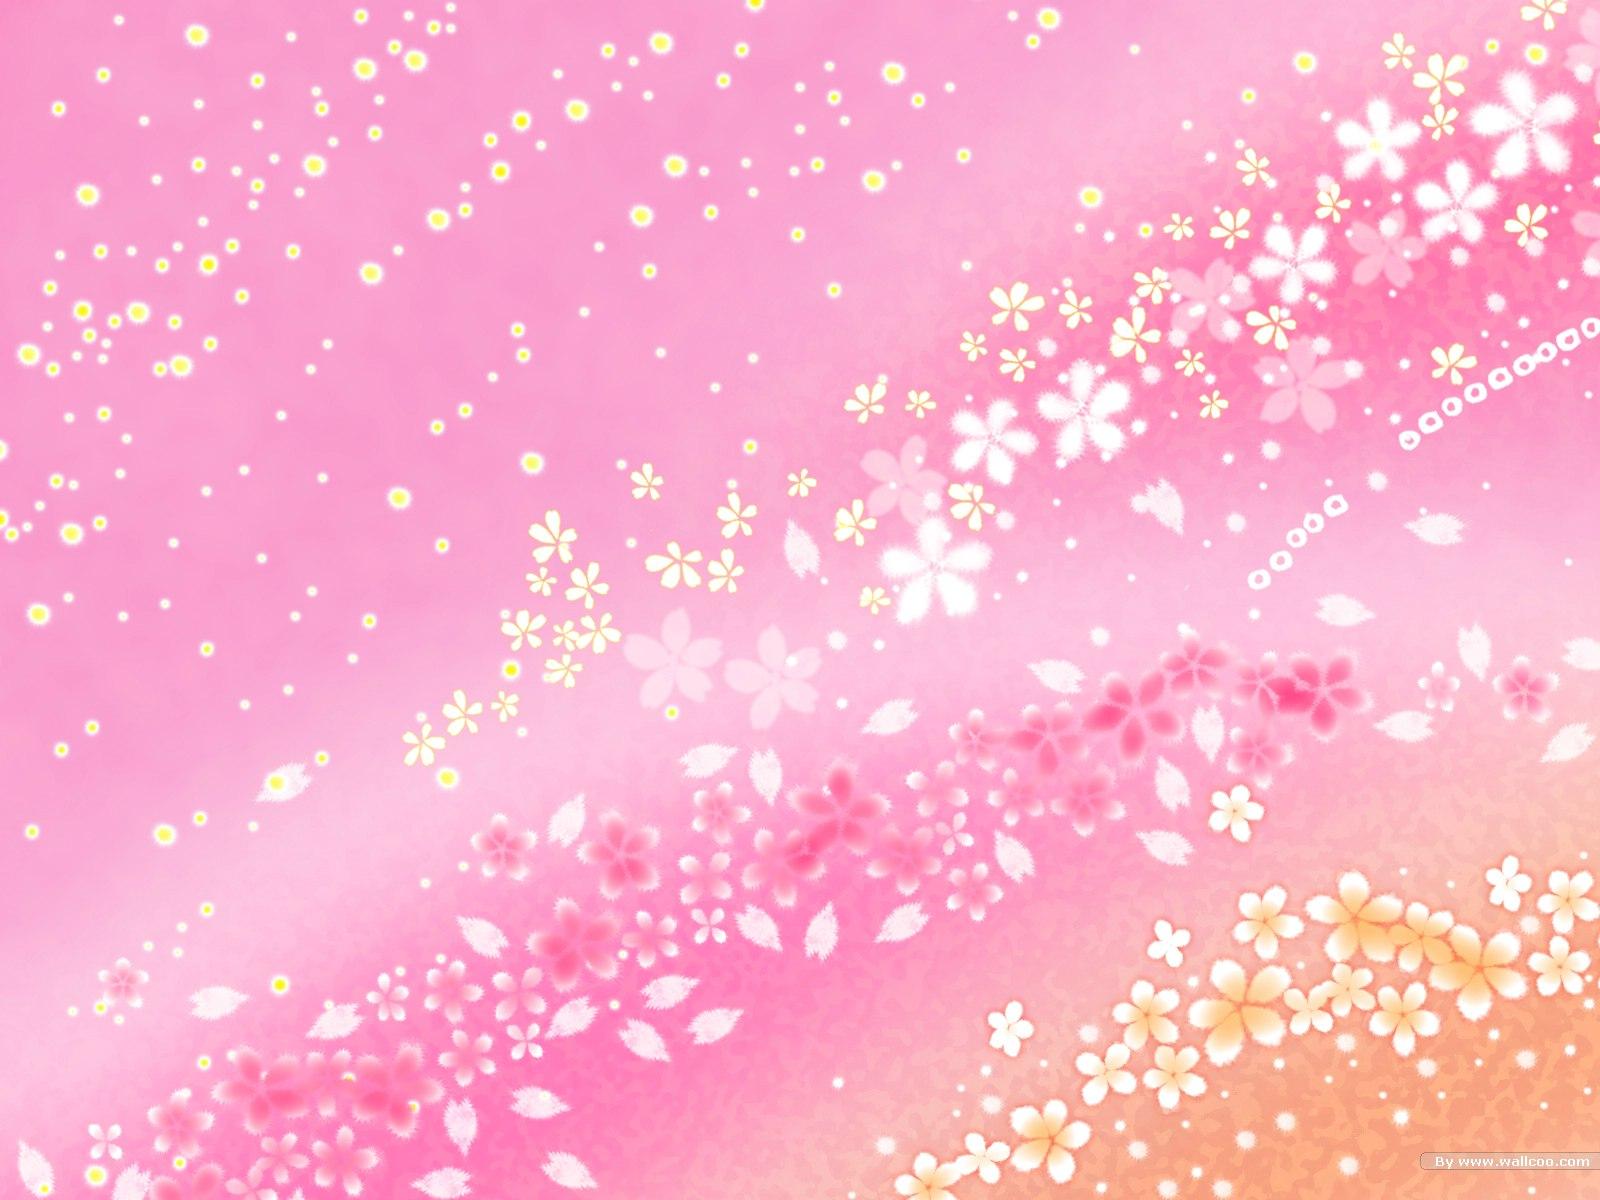 漂亮的樱花花瓣背景图片素材 31P